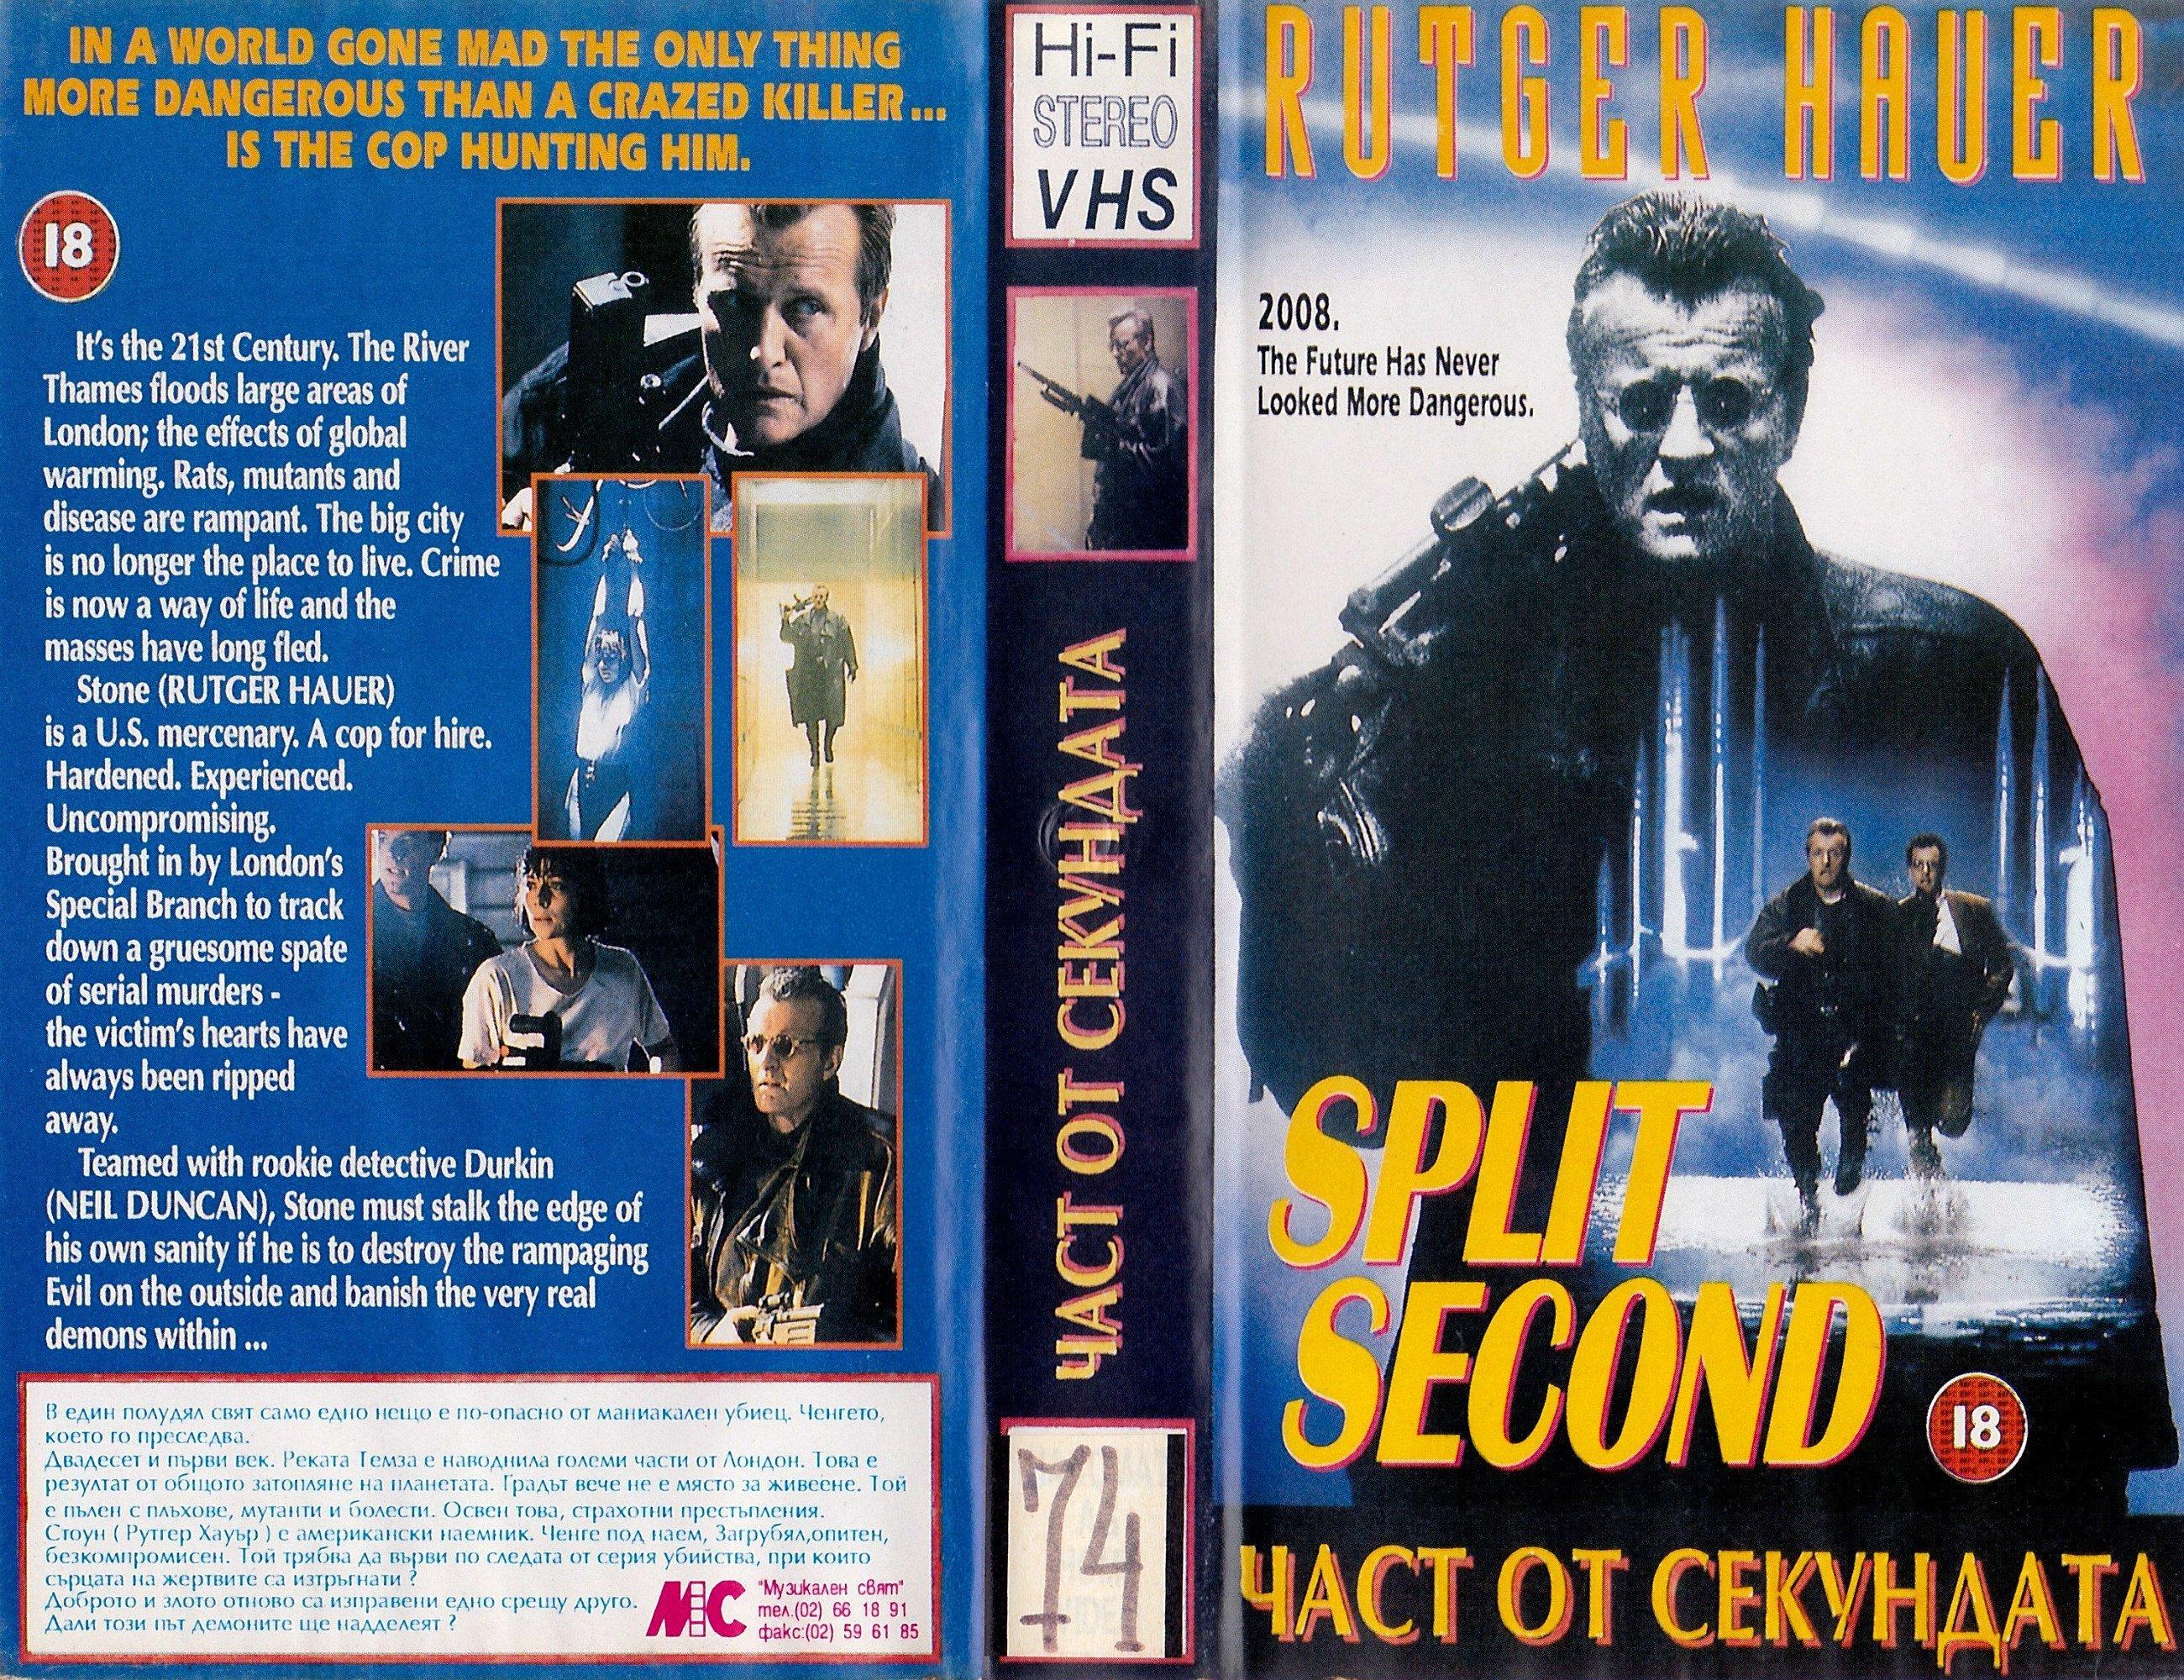 Част от секундата филм постер